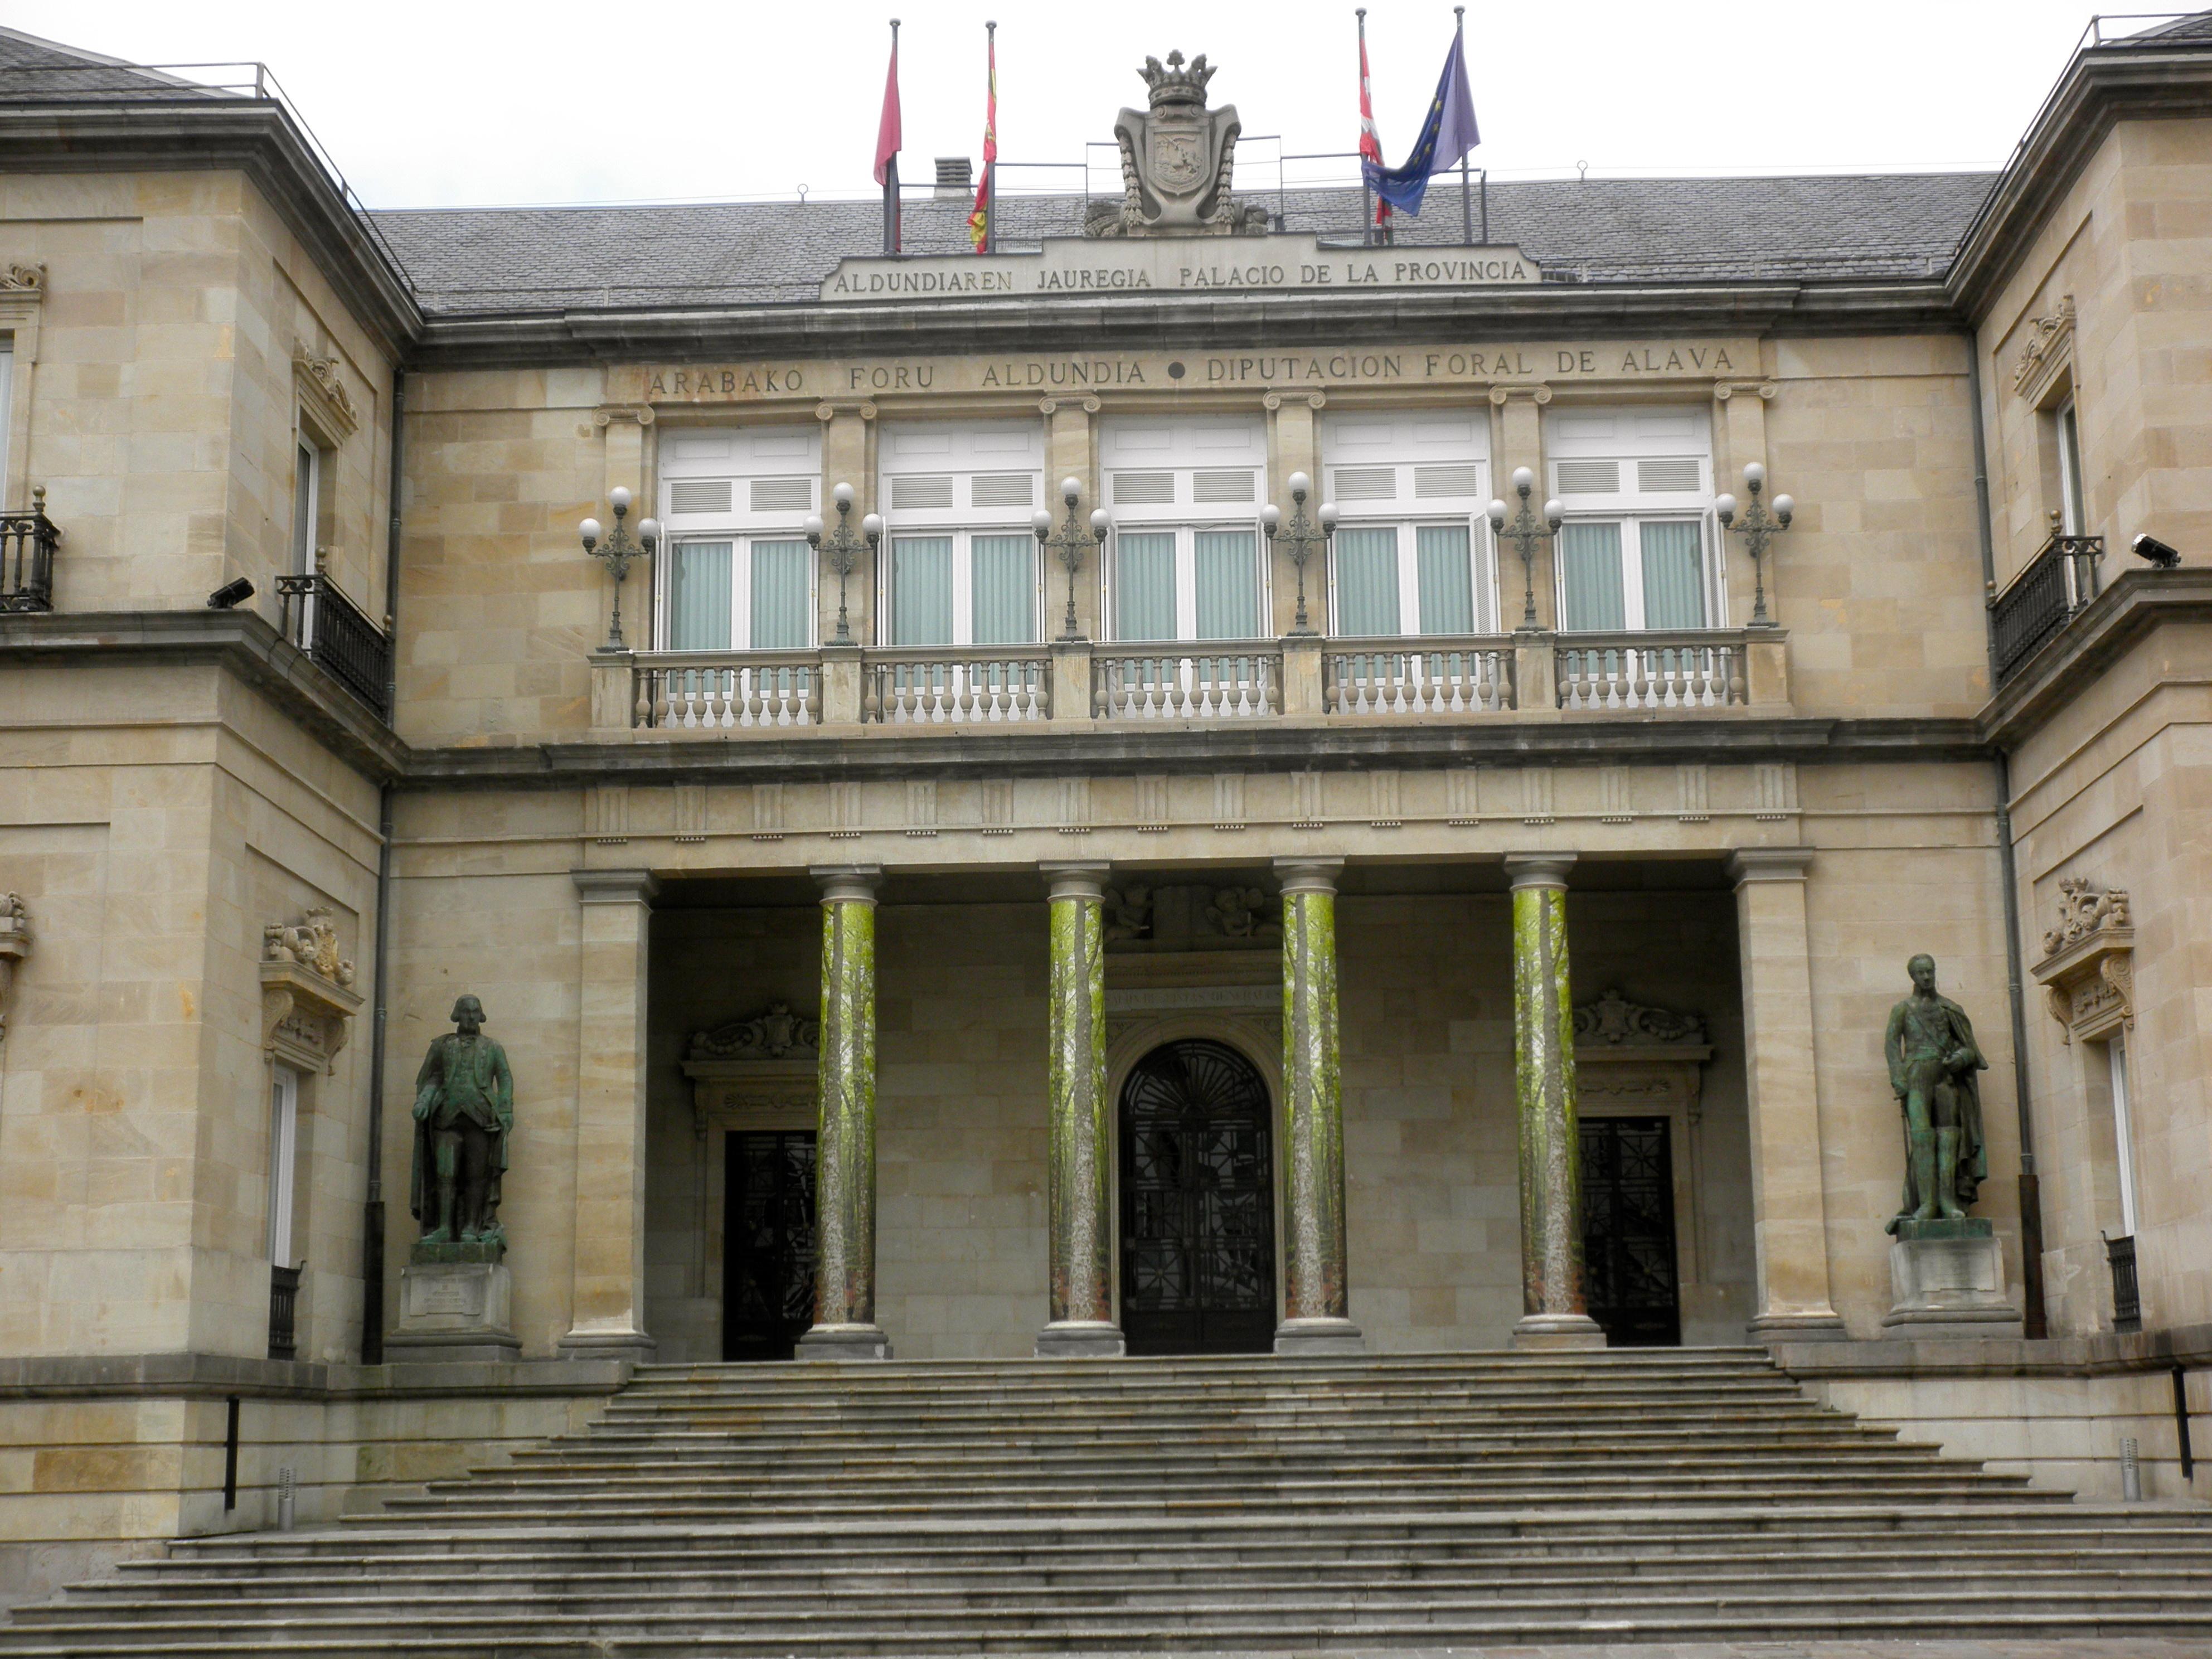 Vitoria gasteiz mis viajes y lecturas for Sede del parlamento